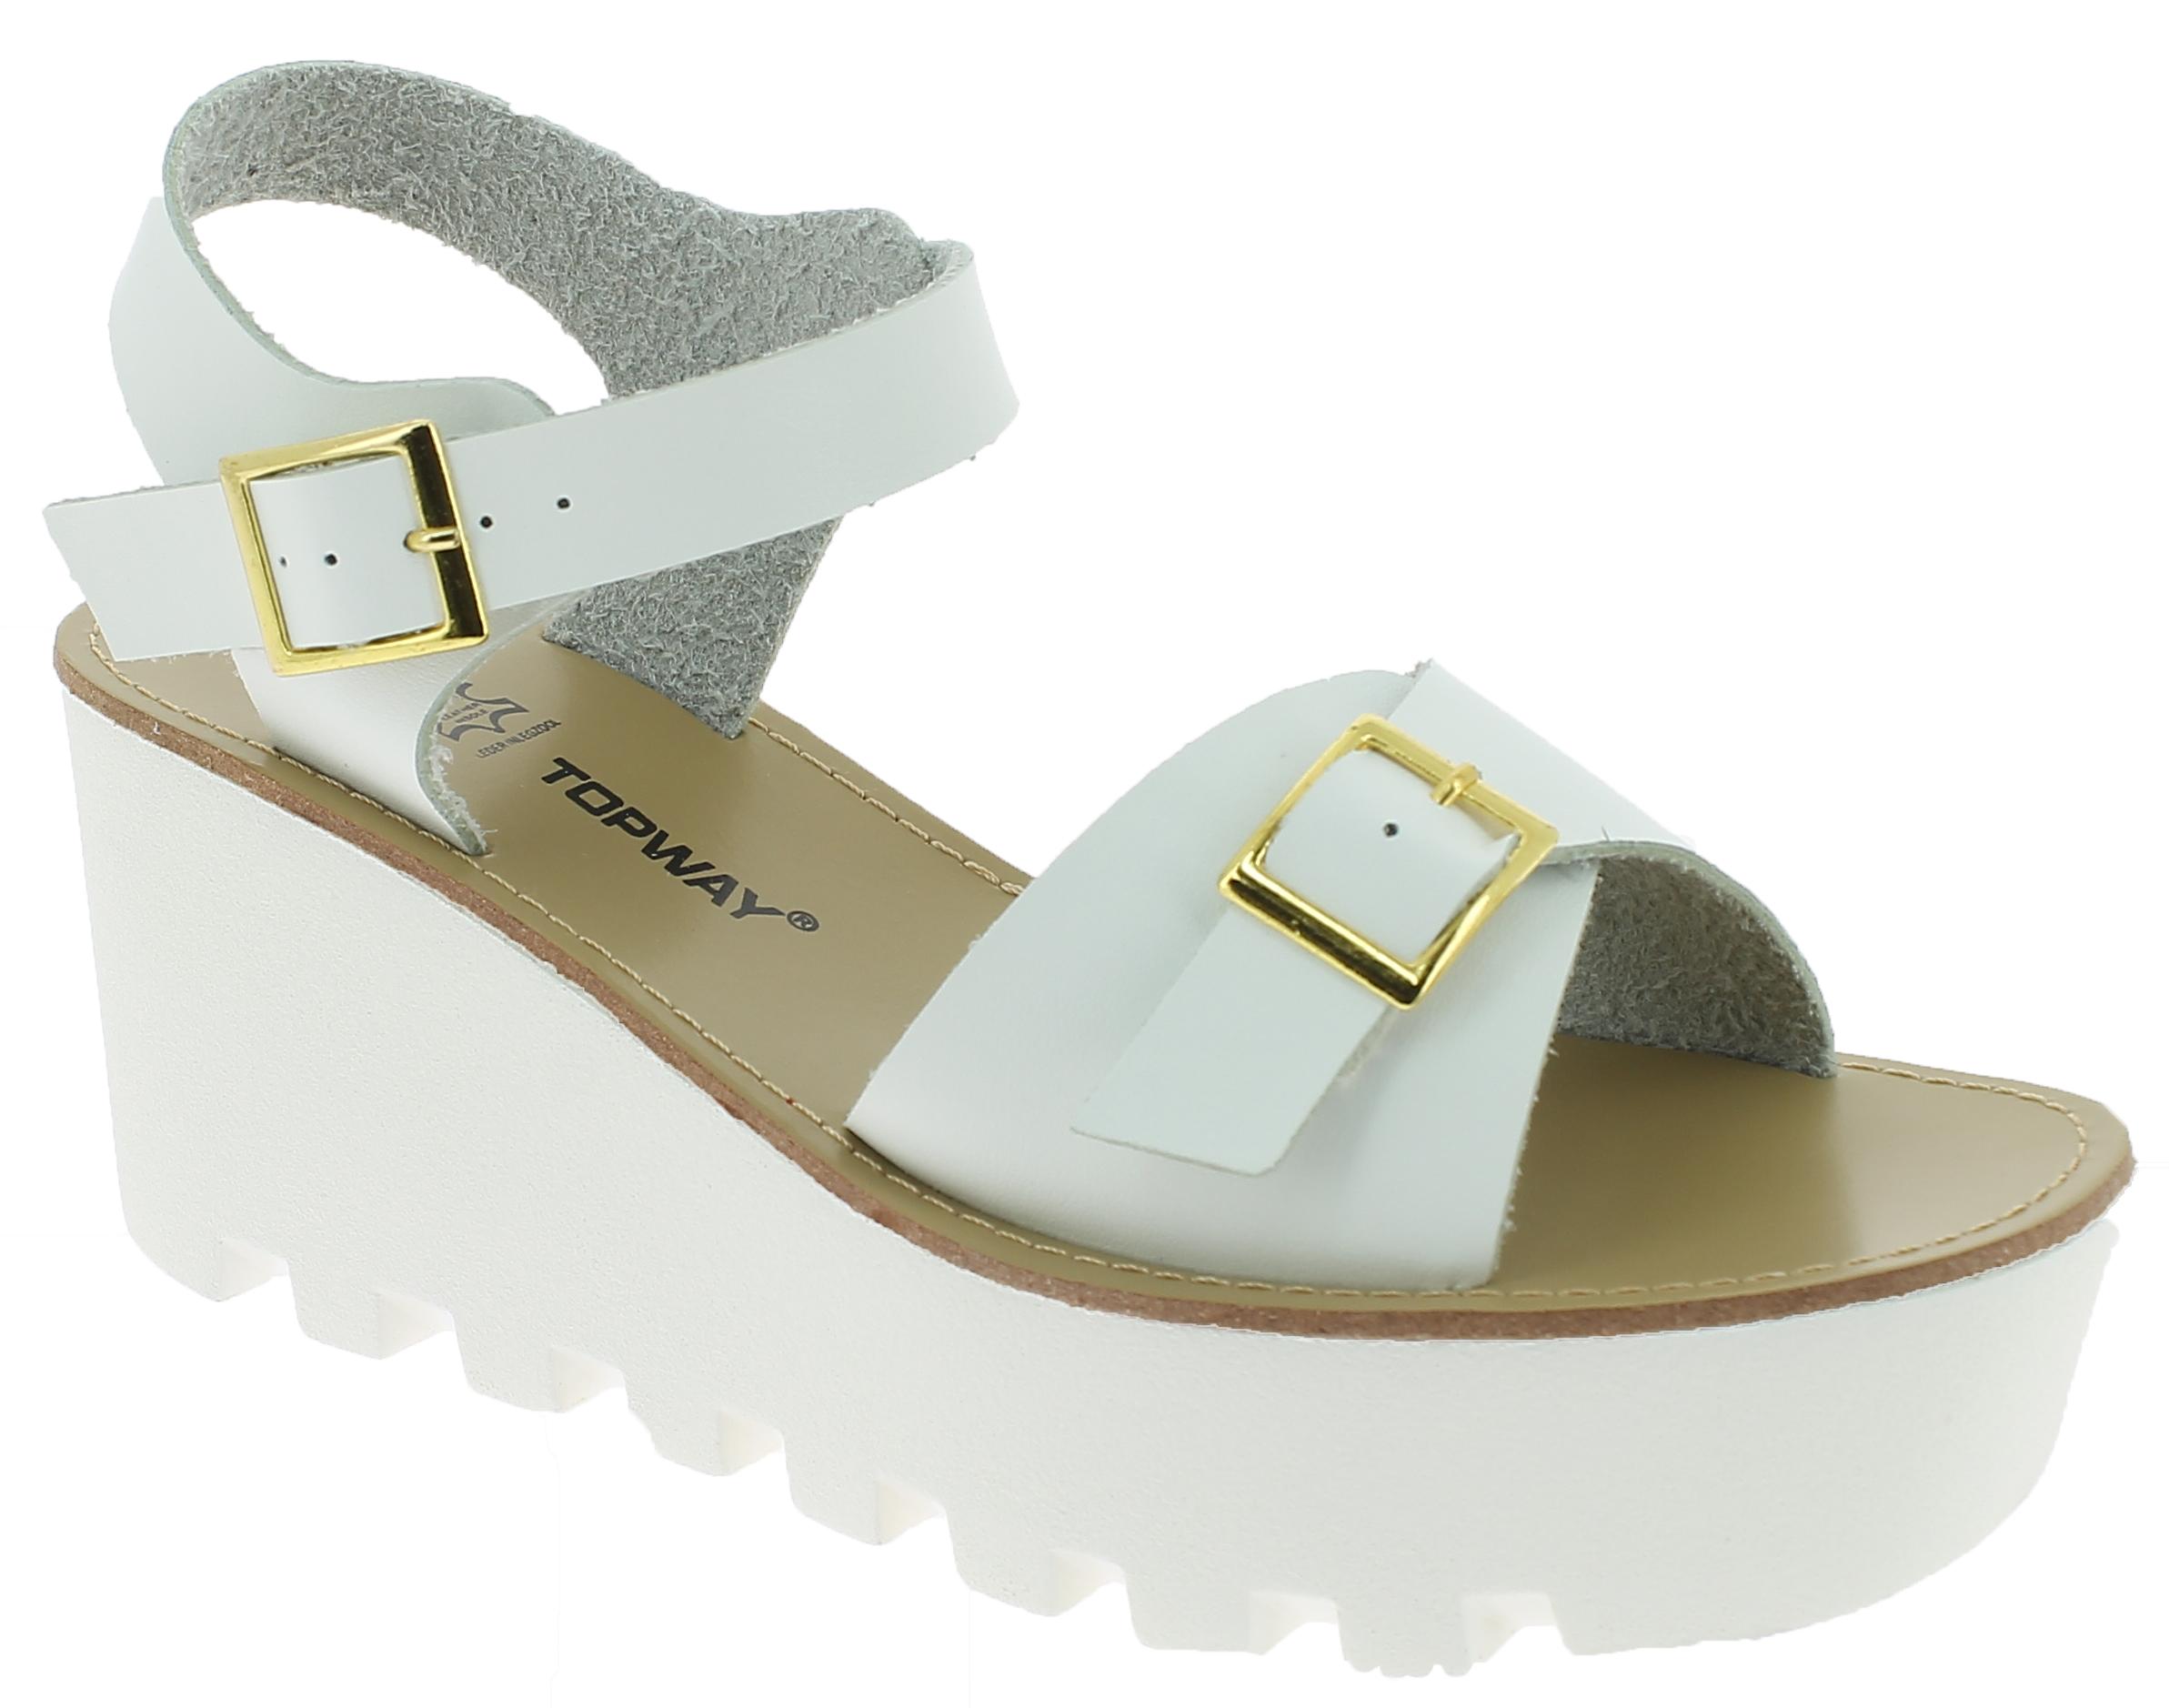 IQSHOES Γυναικεία Πλατφόρμα B716230 Λευκό - IqShoes - B716230 white 39/1/14/25 παπούτσια  γυναικείες πλατφόρμες